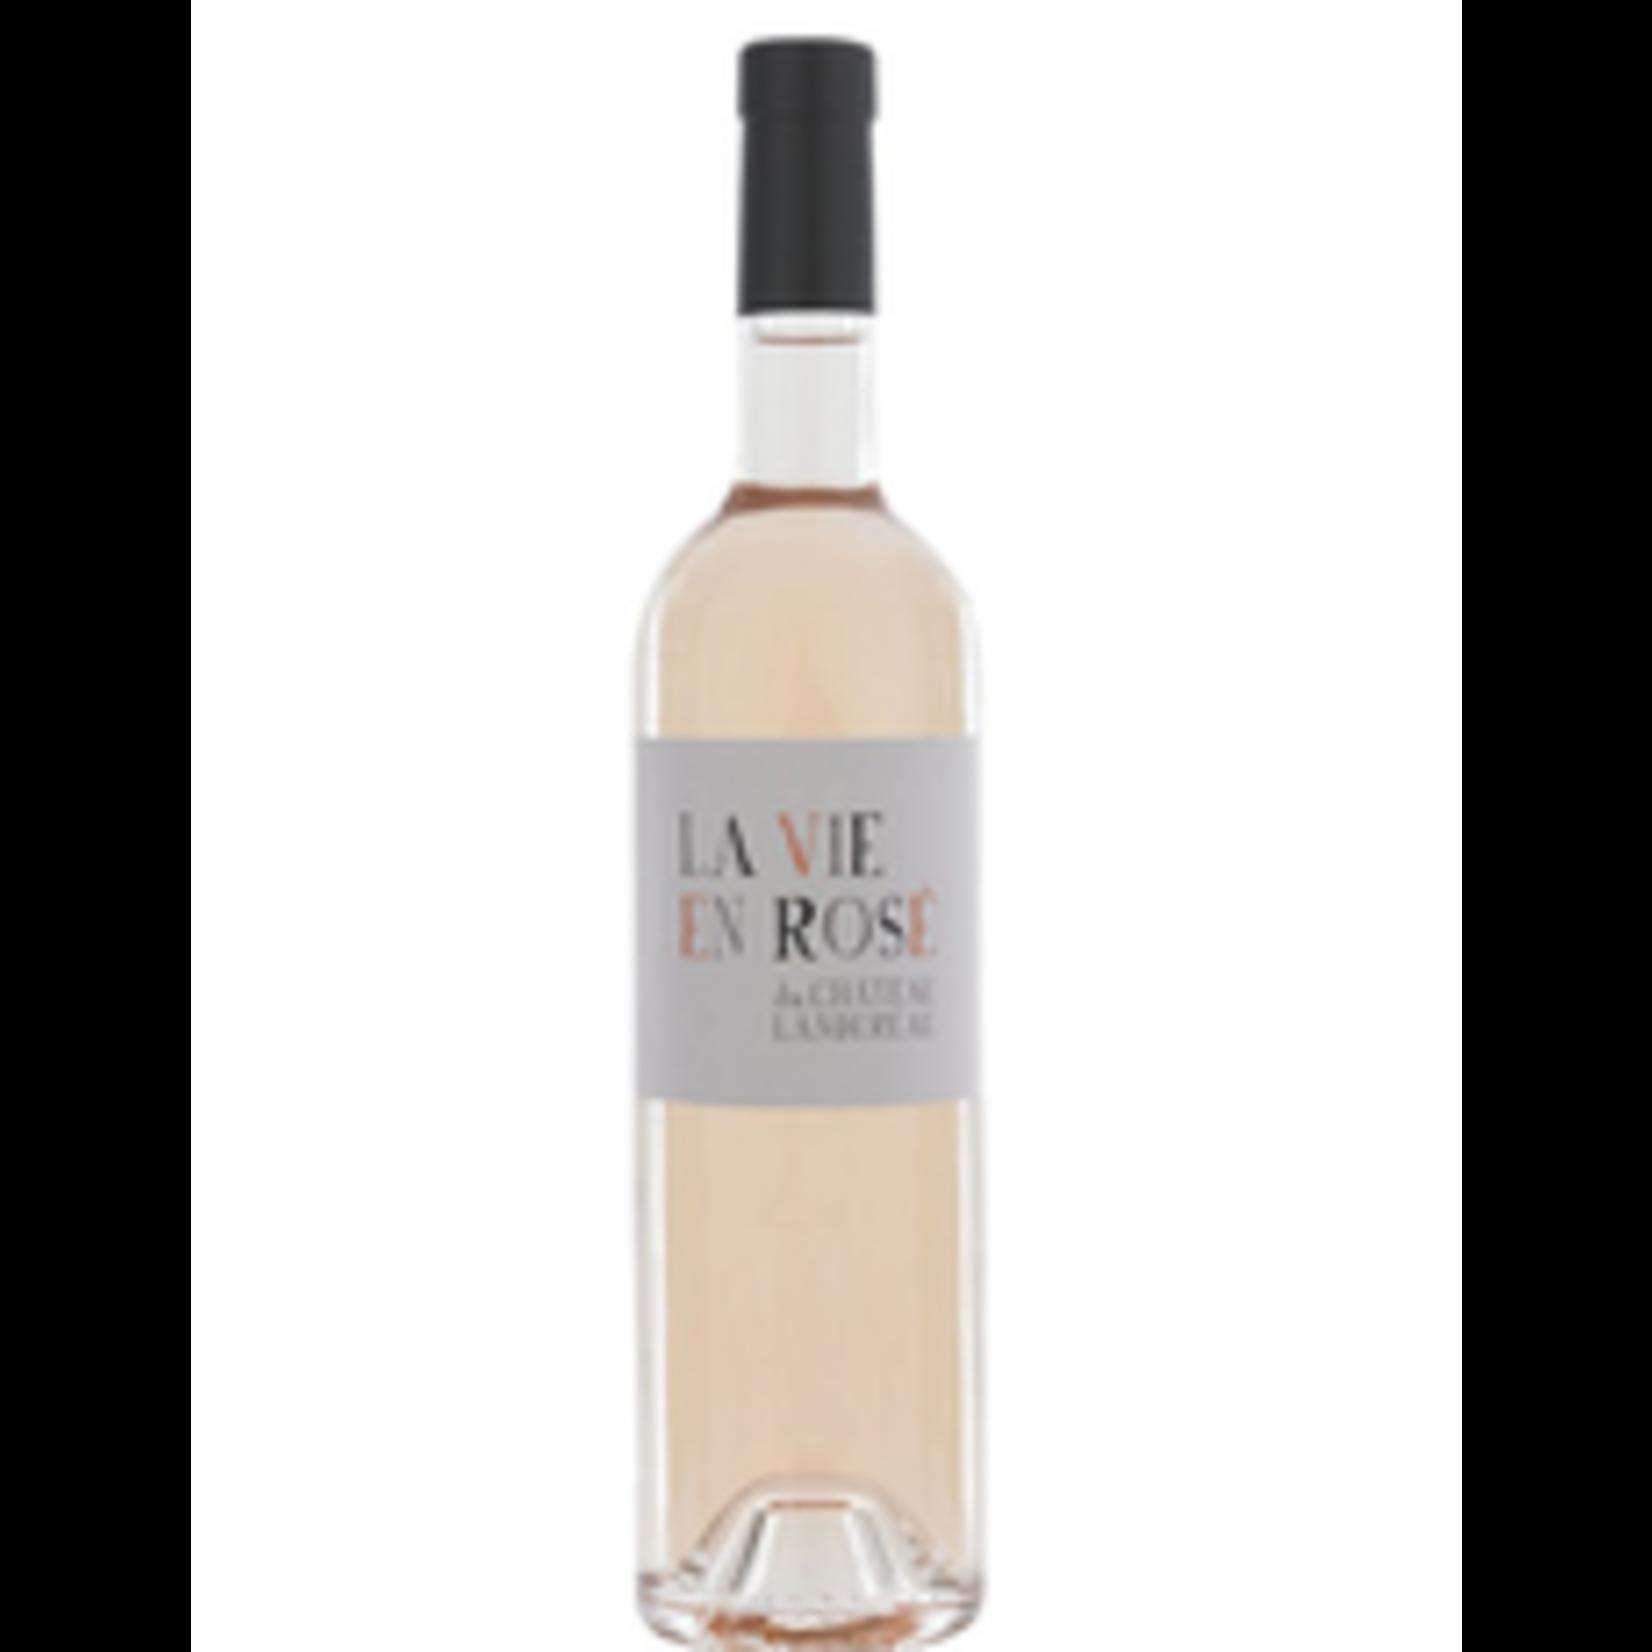 Wine Chateau Landereau Bordeaux La Vie en Rose 2020